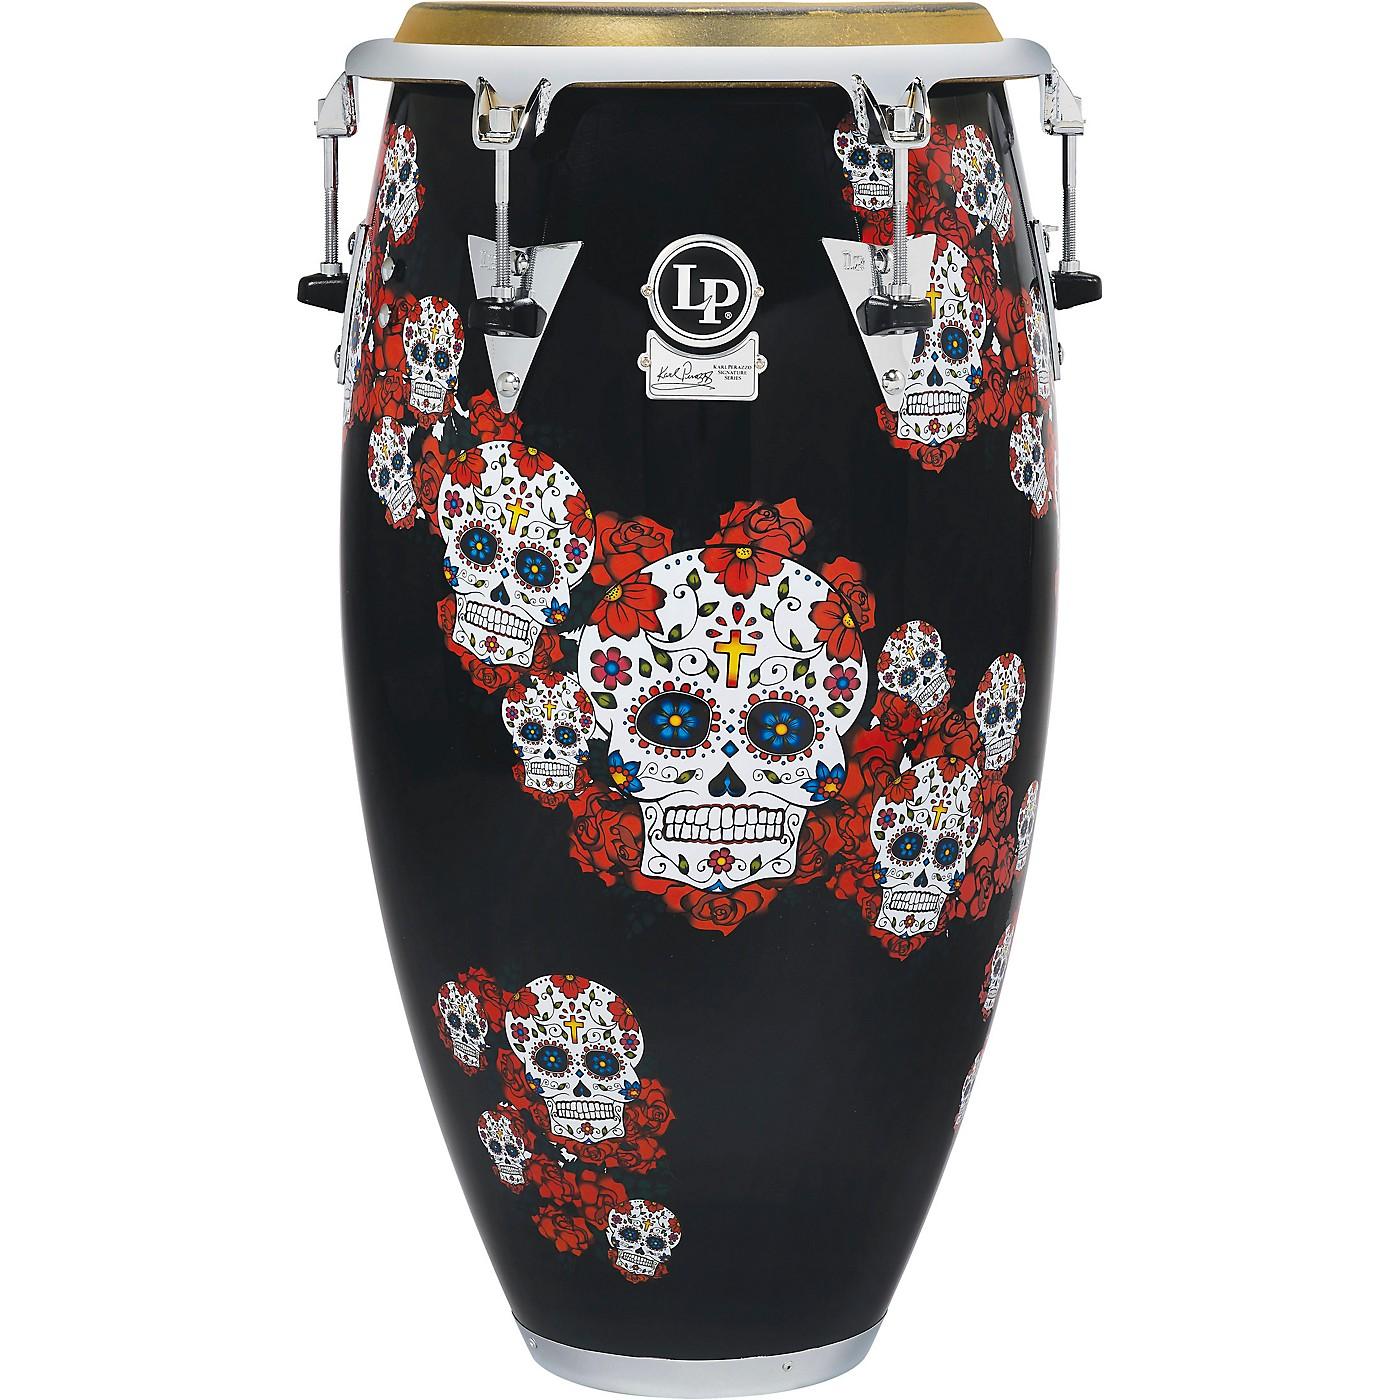 LP Karl Perazzo Signature Top Tuning Conga Drum thumbnail